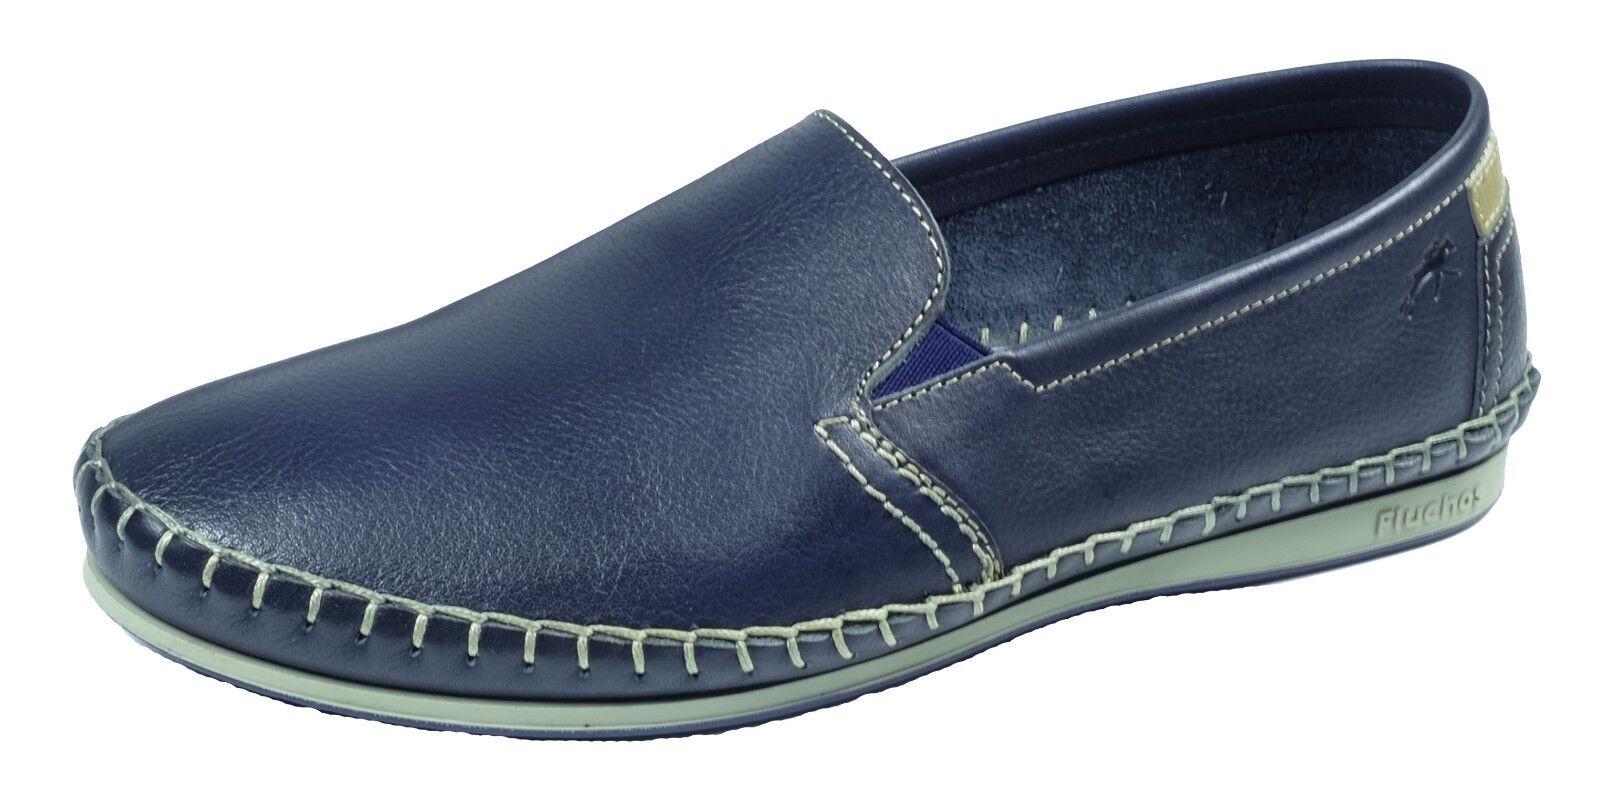 ZAPATOS  HOMBRE/ Herren Schuhe FLUCHOS TALLA/SIZE DINGO AZUL/Blau  PIEL TALLA/SIZE FLUCHOS 39 Ref.8592 bc335f